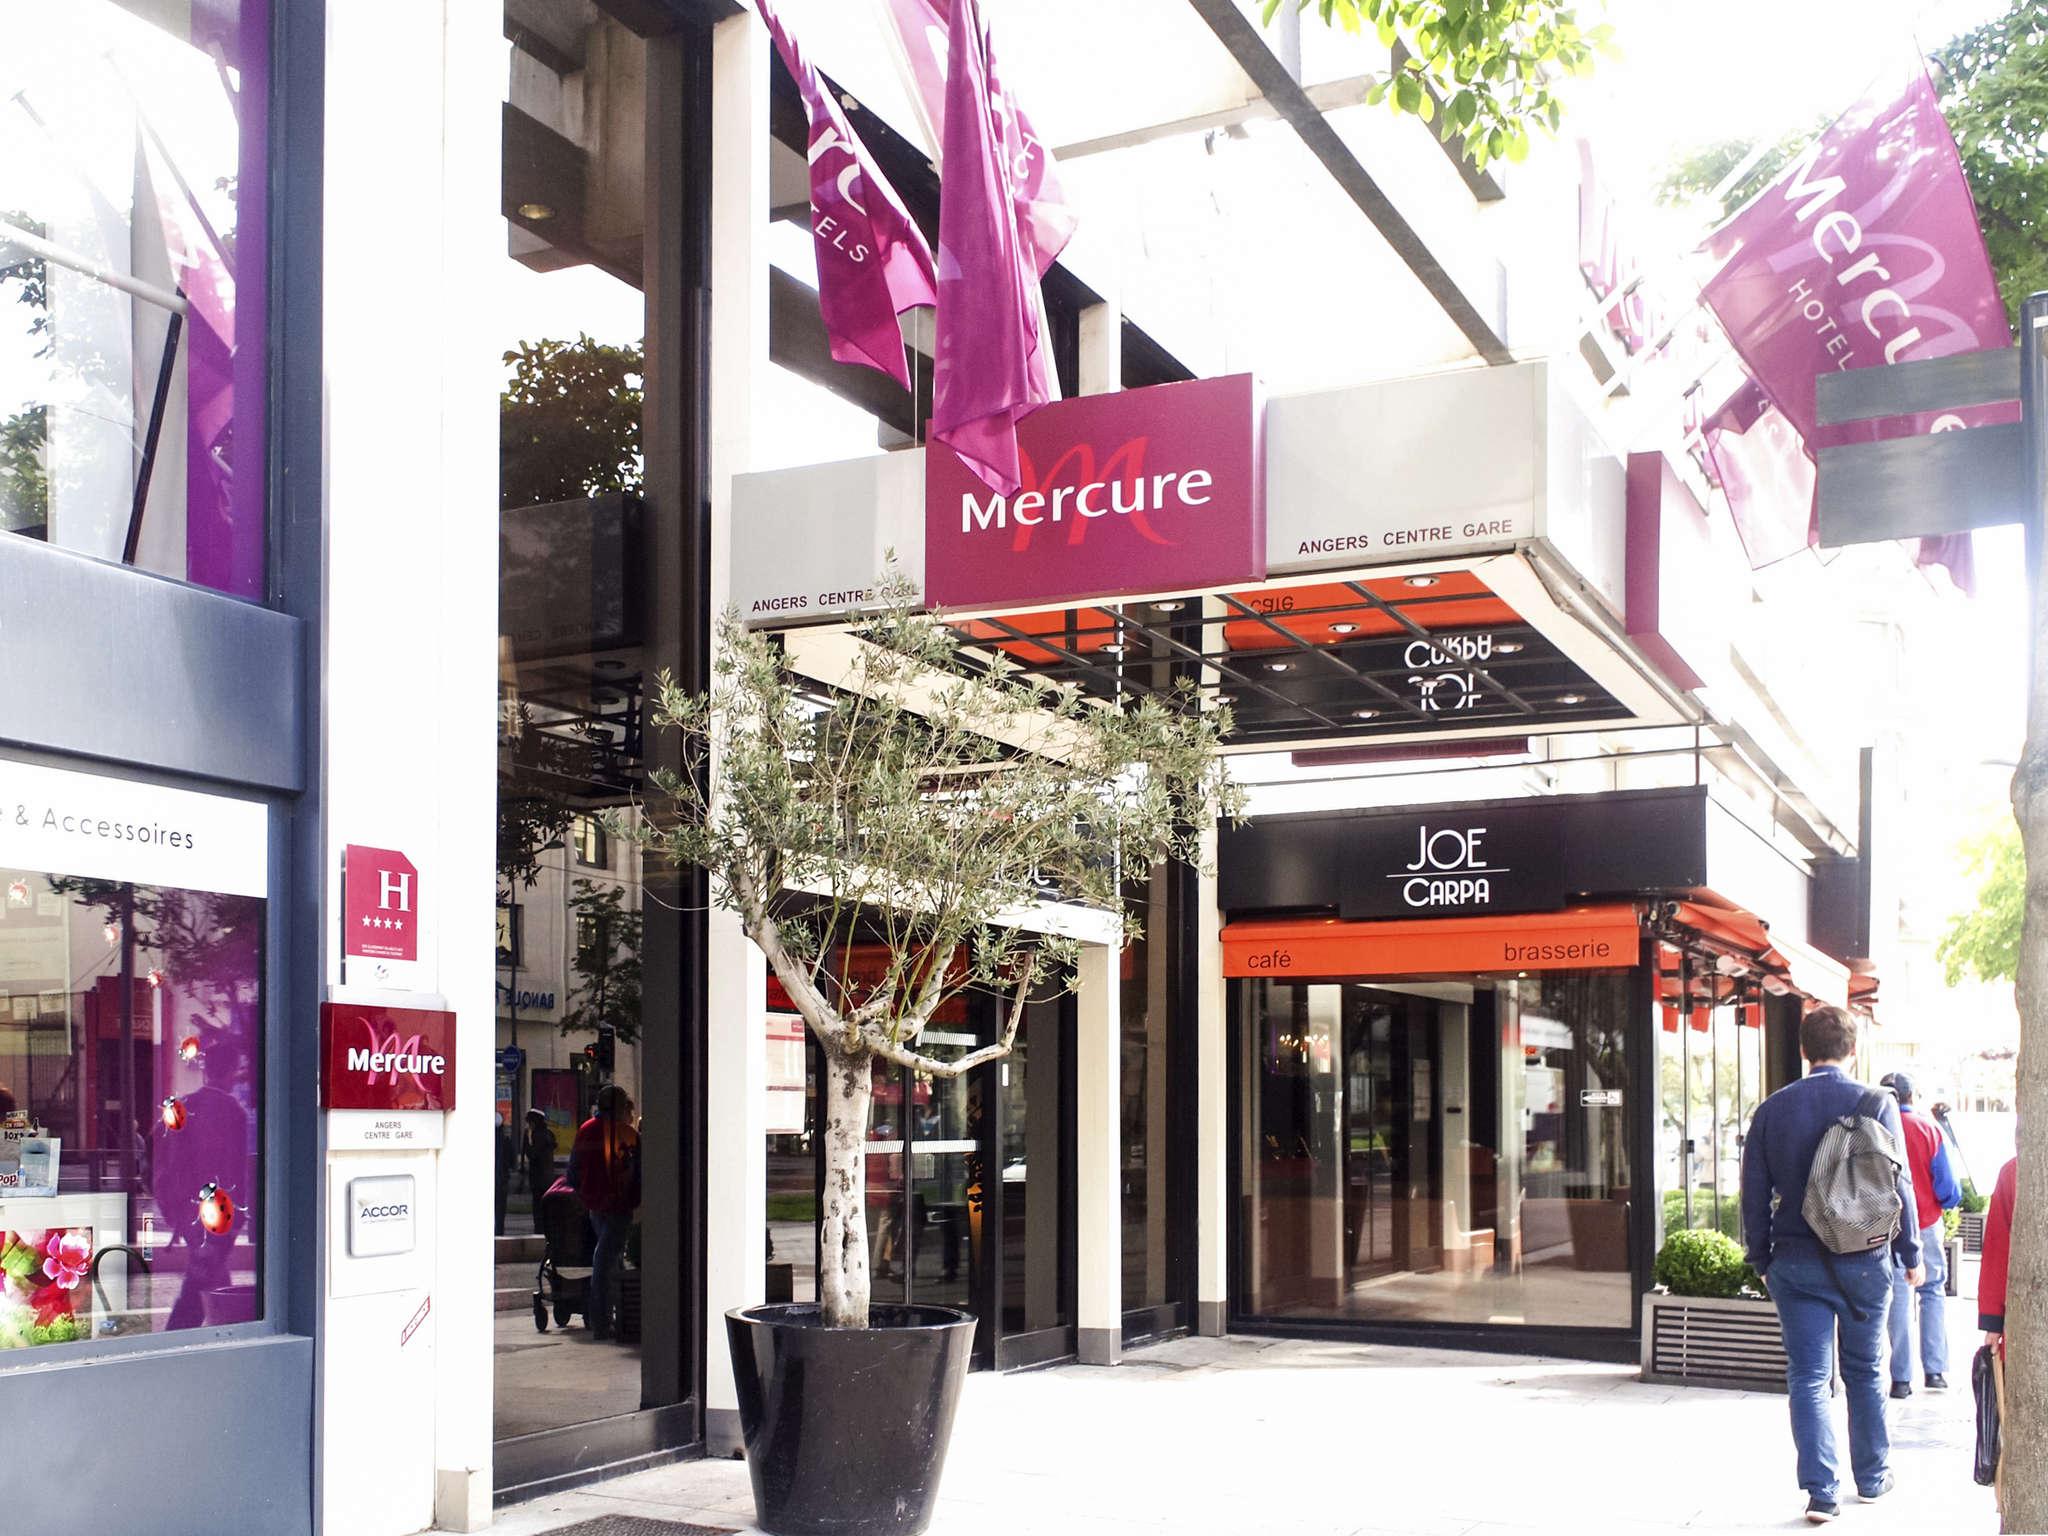 Hotel – Hôtel Mercure Angers Centre Gare